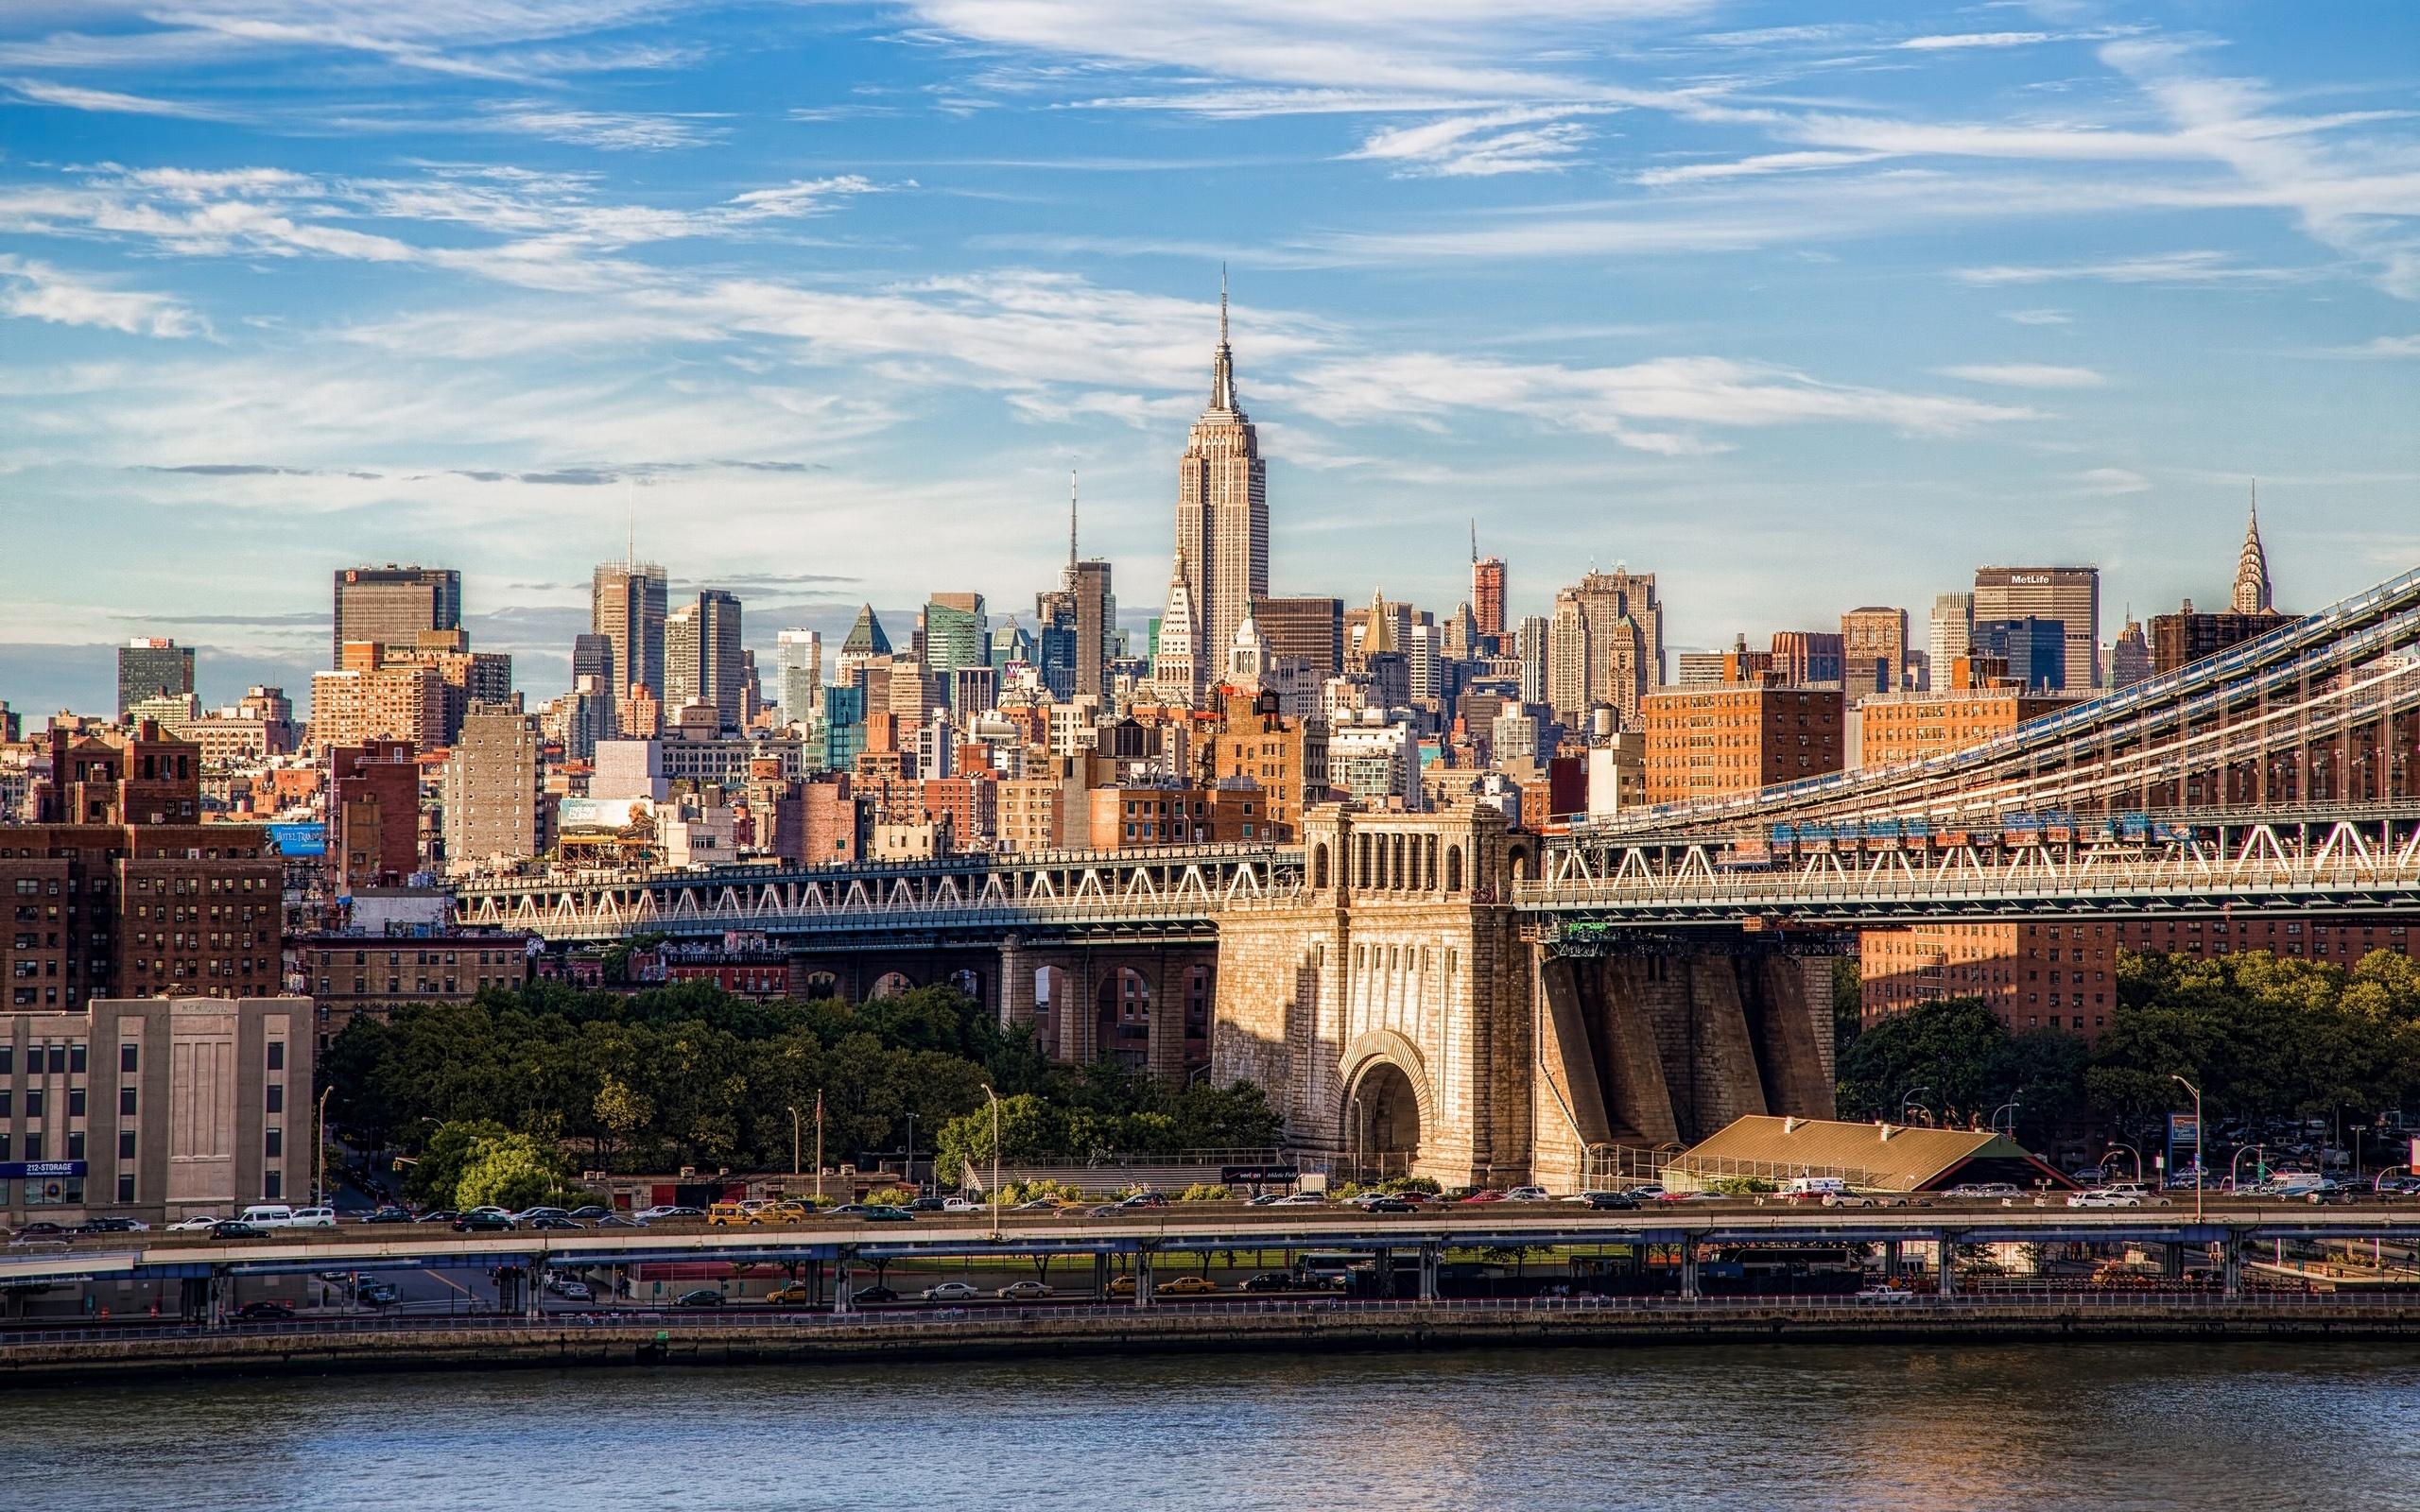 страны архитектура Бруклинский мост река ночь США Нью-Йорк загрузить